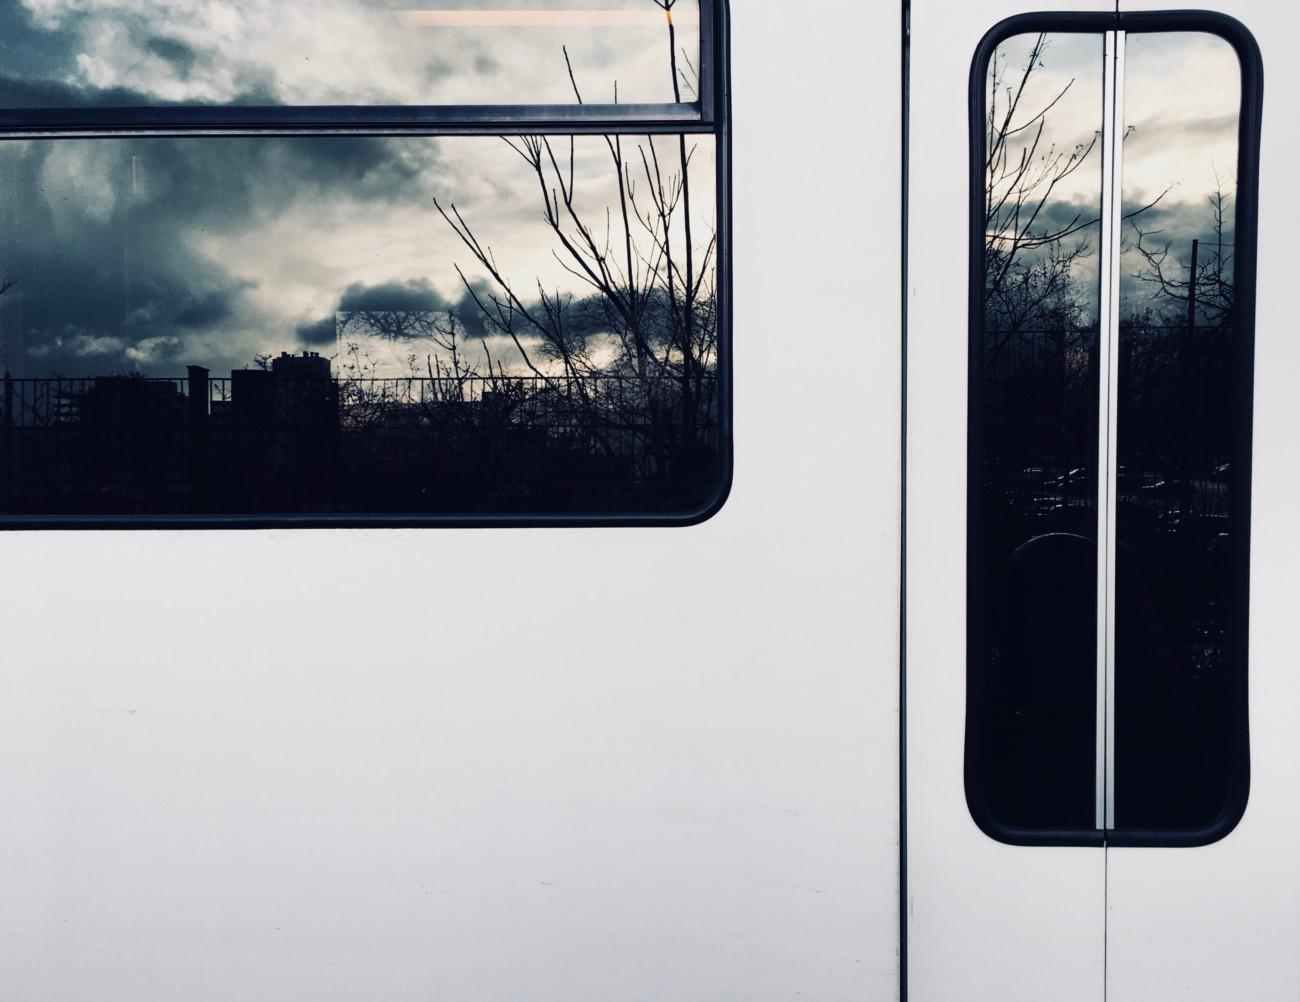 Spiegelung im Fenster